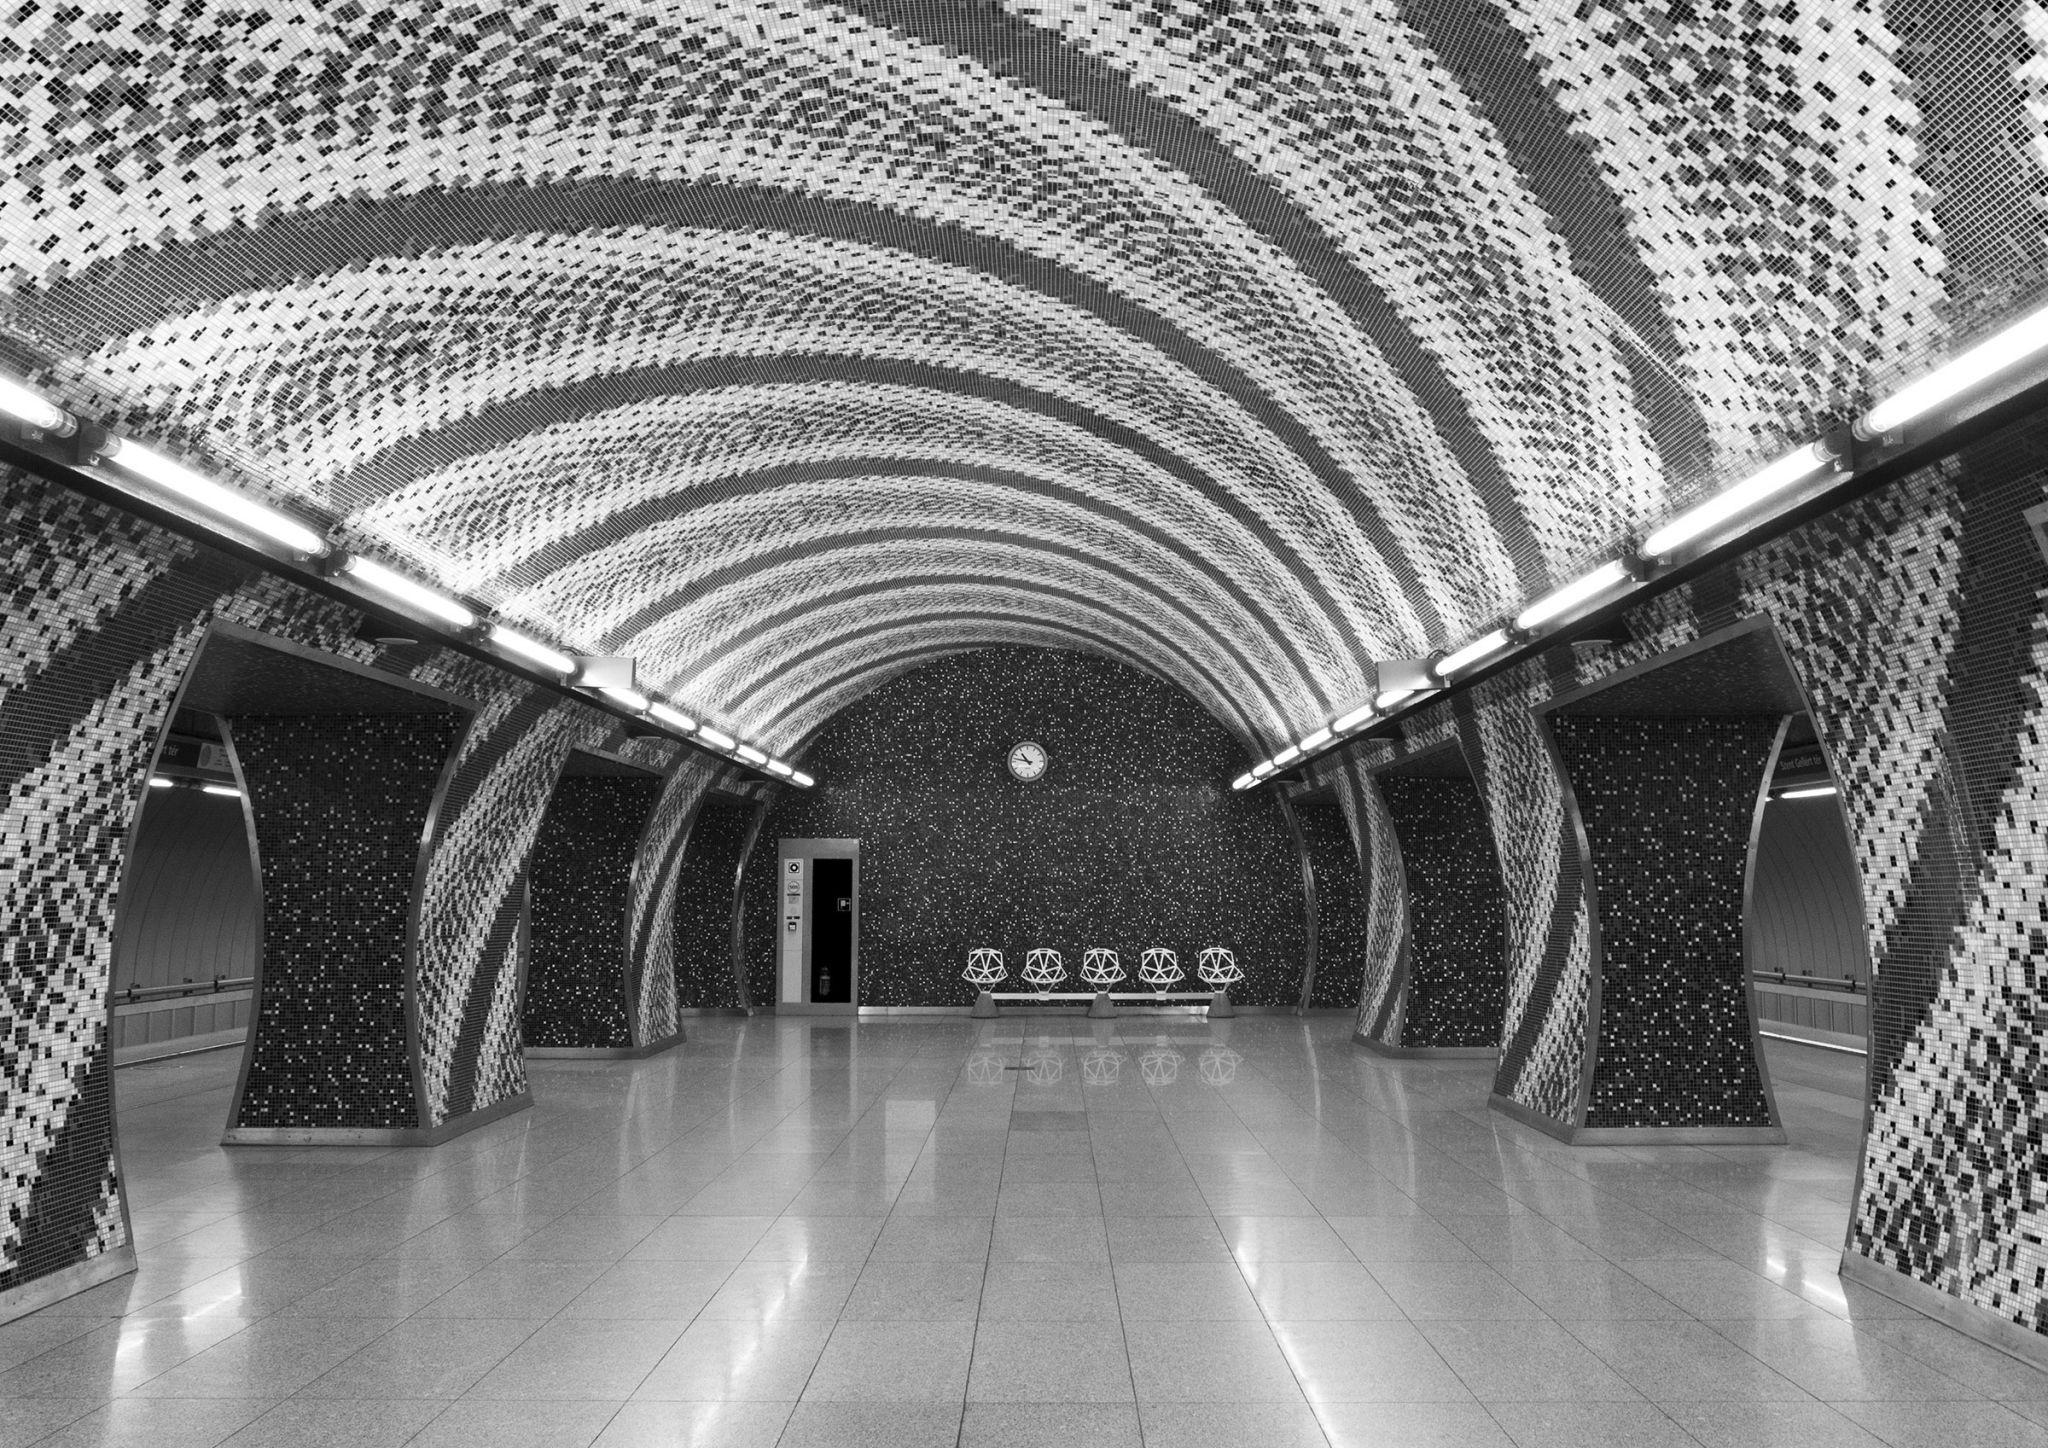 Szent Gellért tér - Subway Station, Hungary